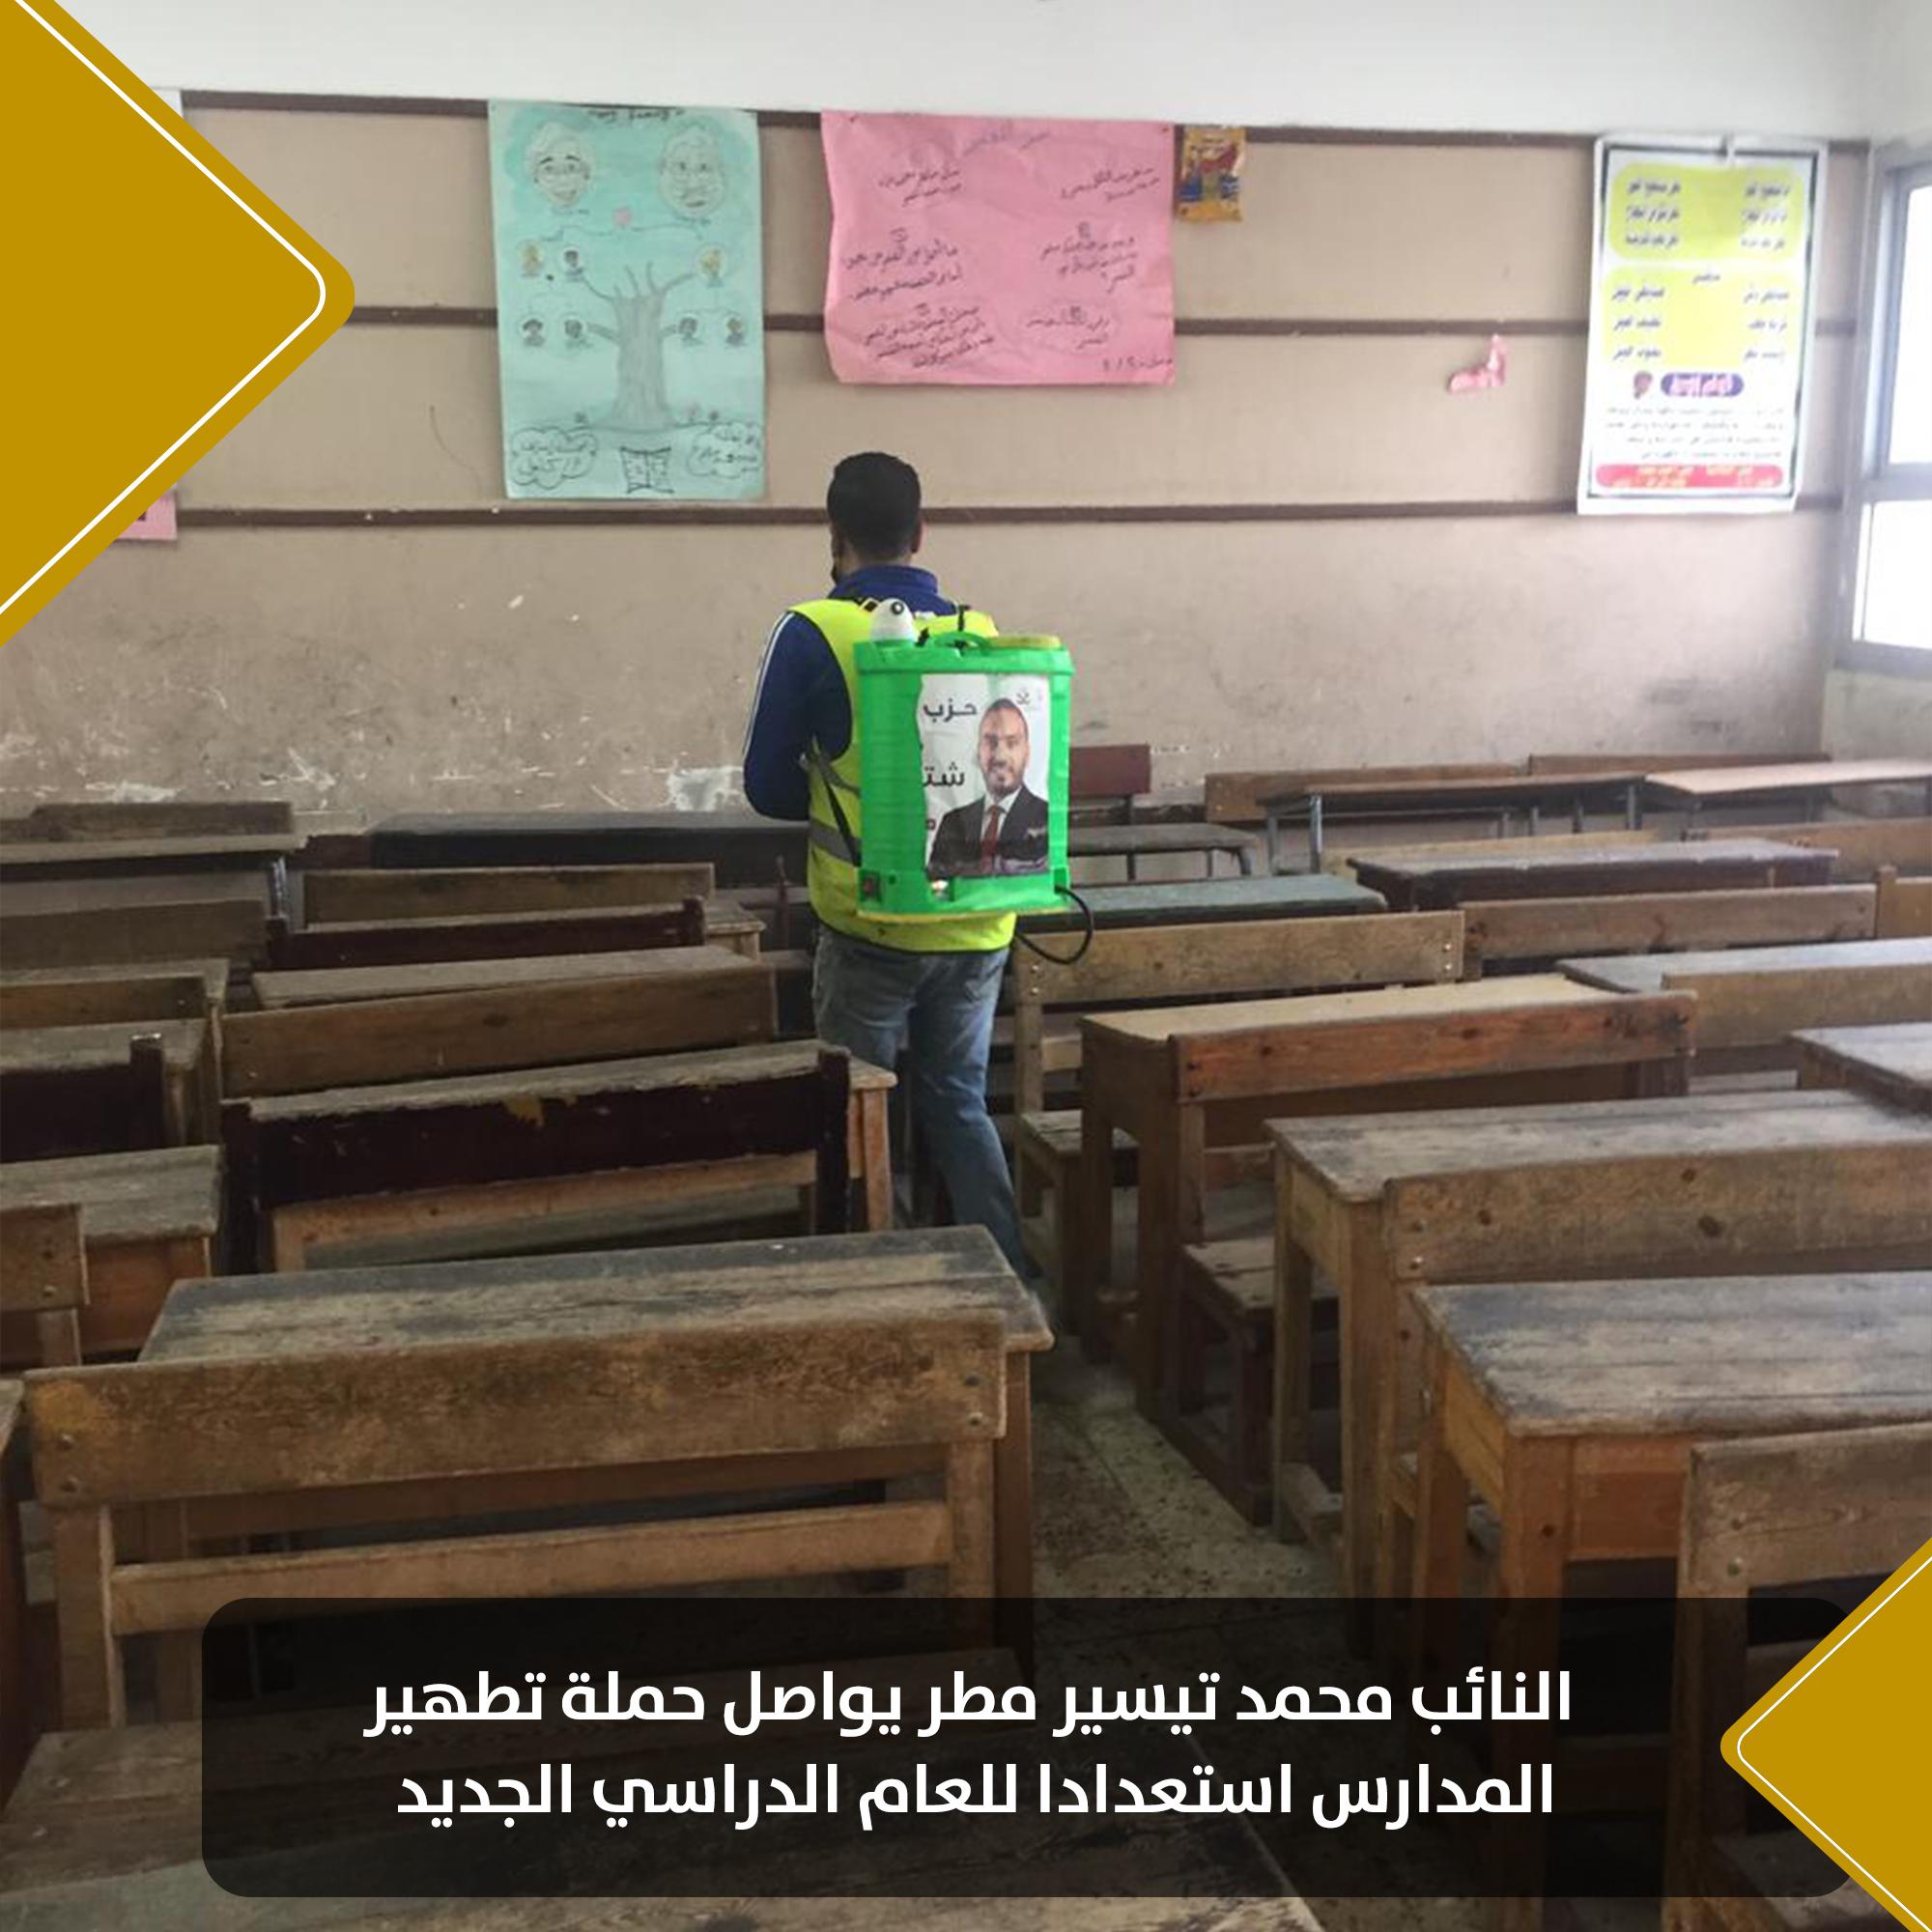 النائب محمد تيسير مطر يواصل حملة تطهير المدارسس (16)